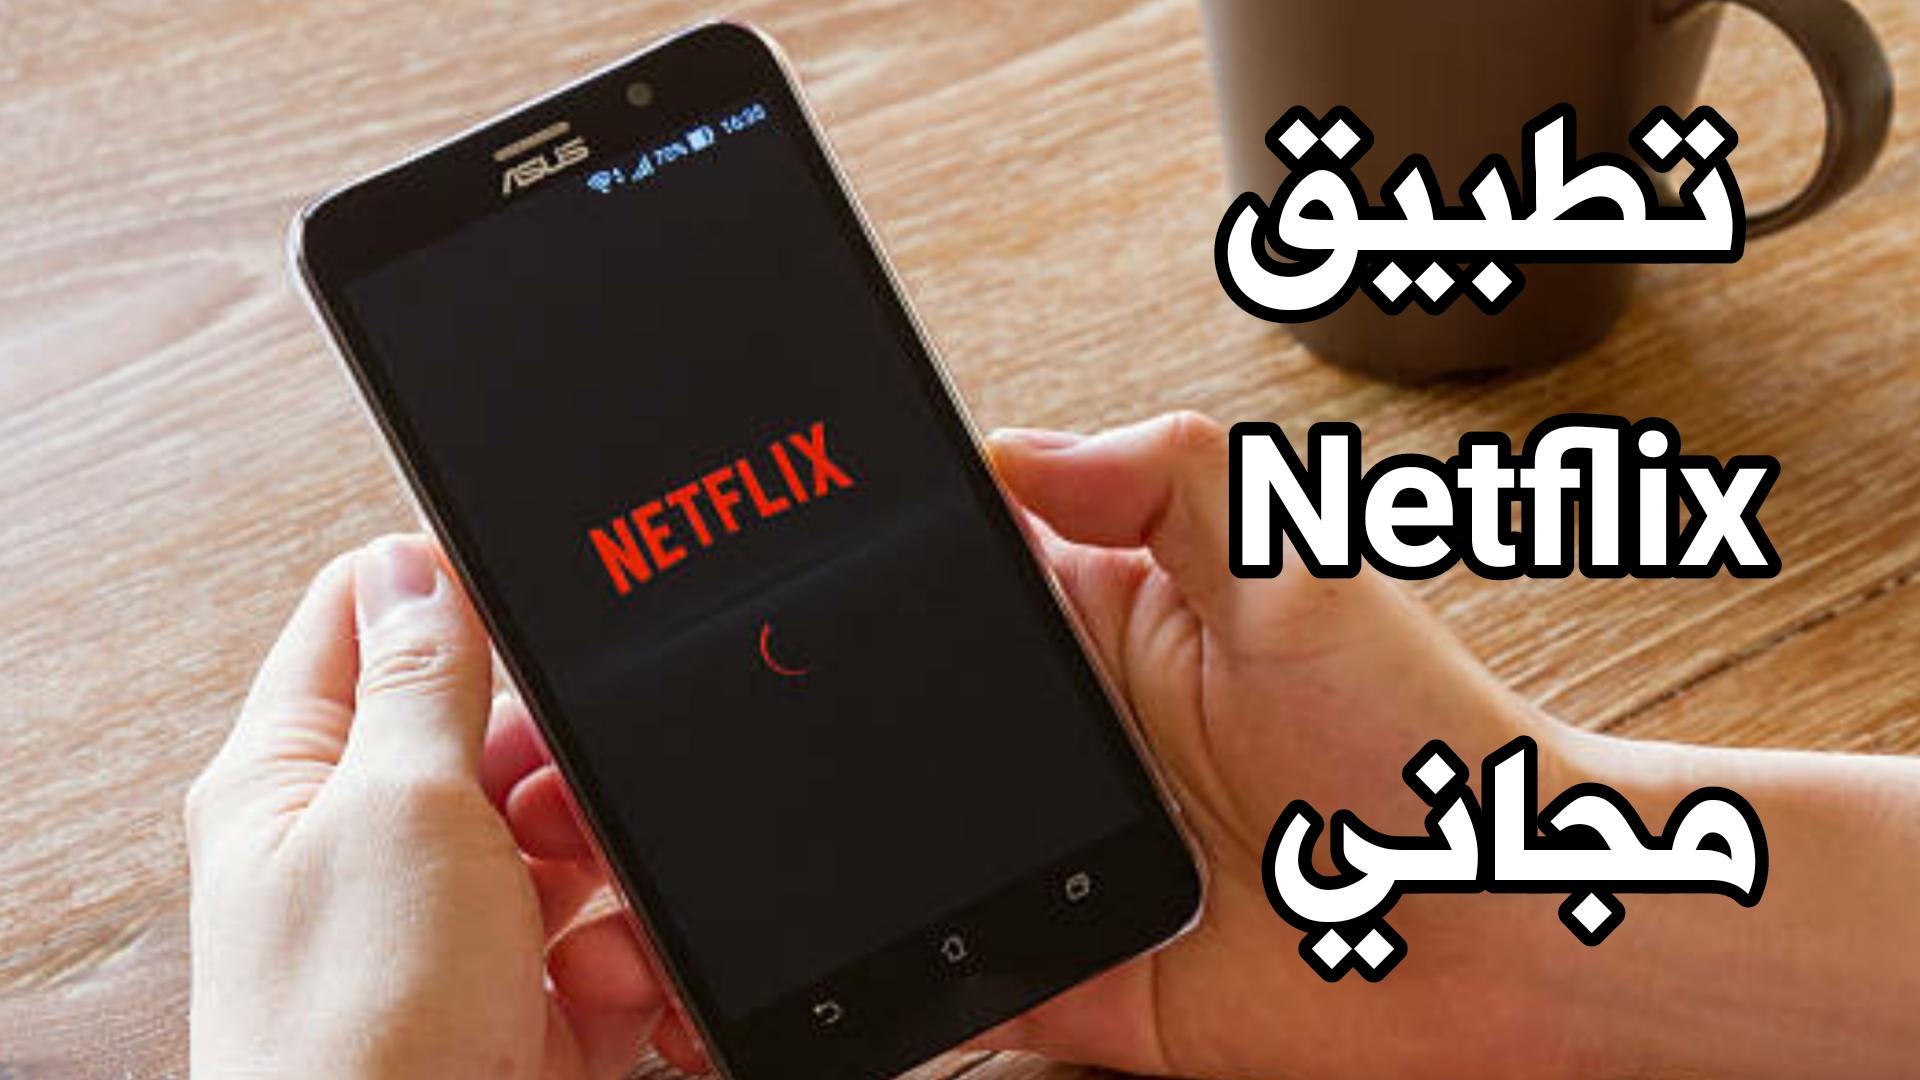 تطبيق Netflix مجاني للاندرويد بدون تسجيل الدخول يدعم الترجمة العربية